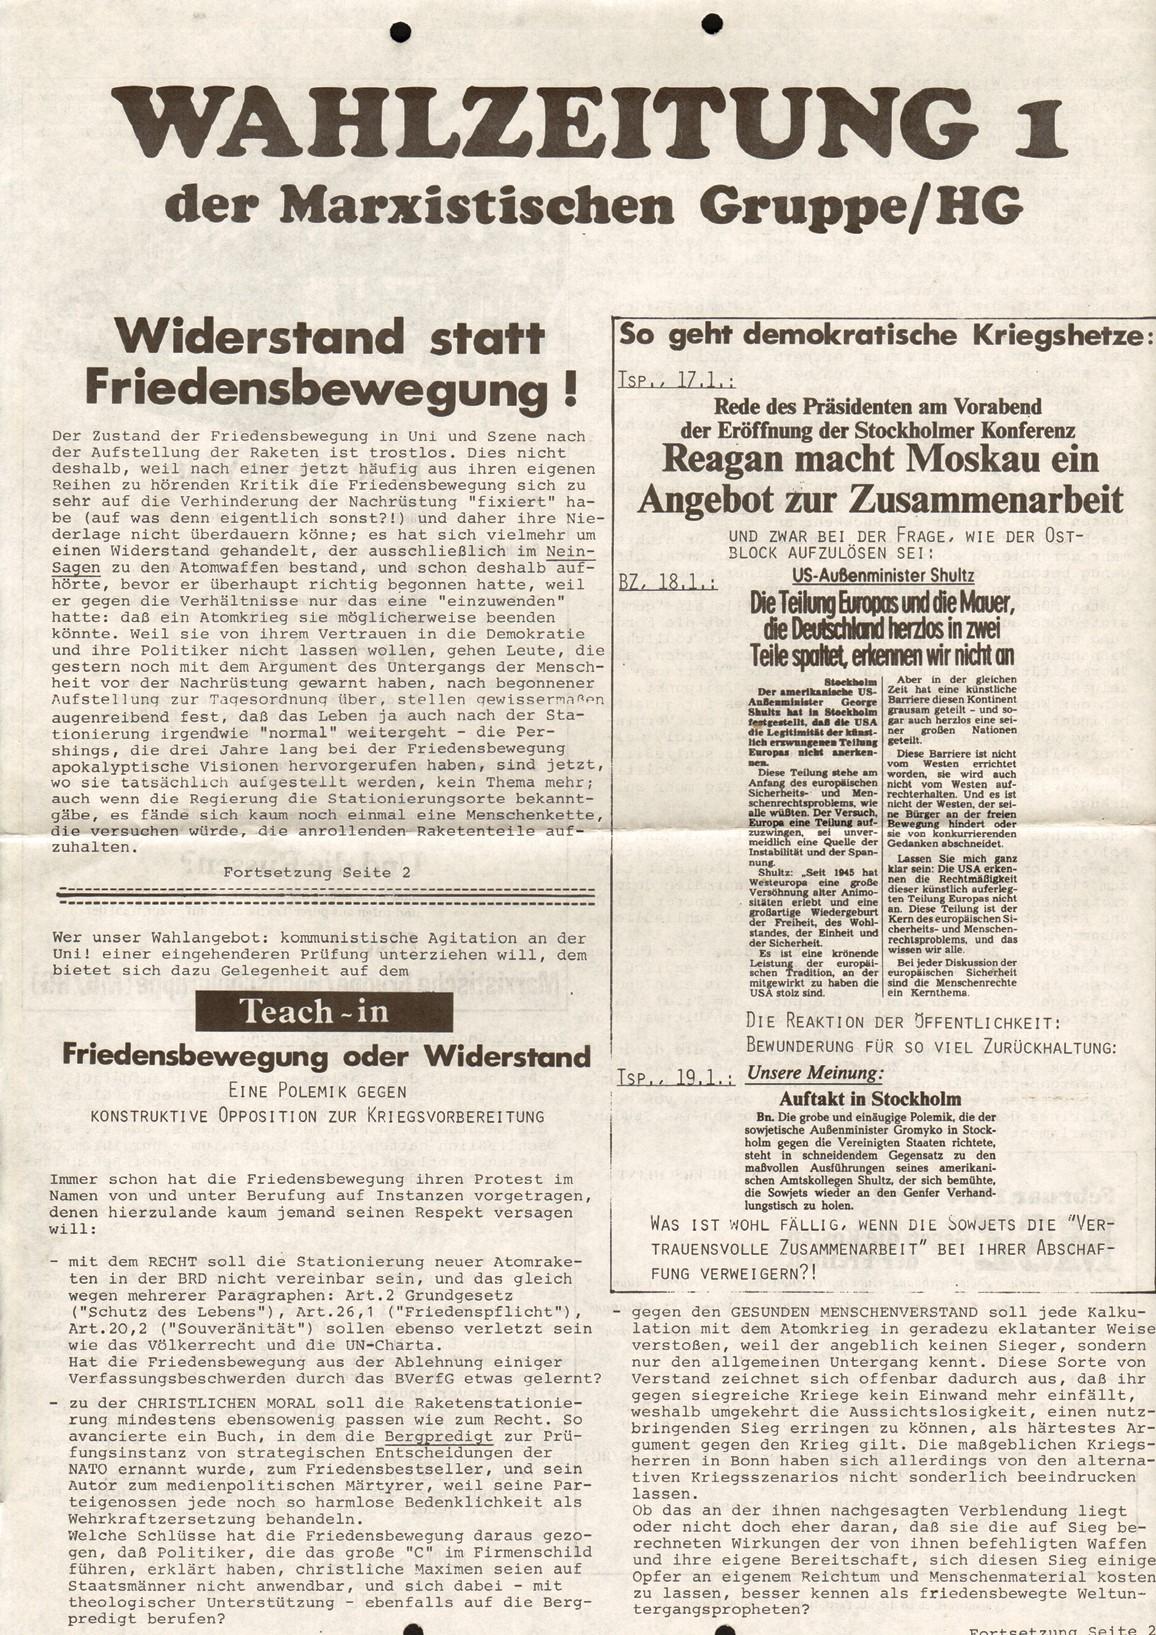 Berlin_MG_Hochschulgruppe_19840123_01